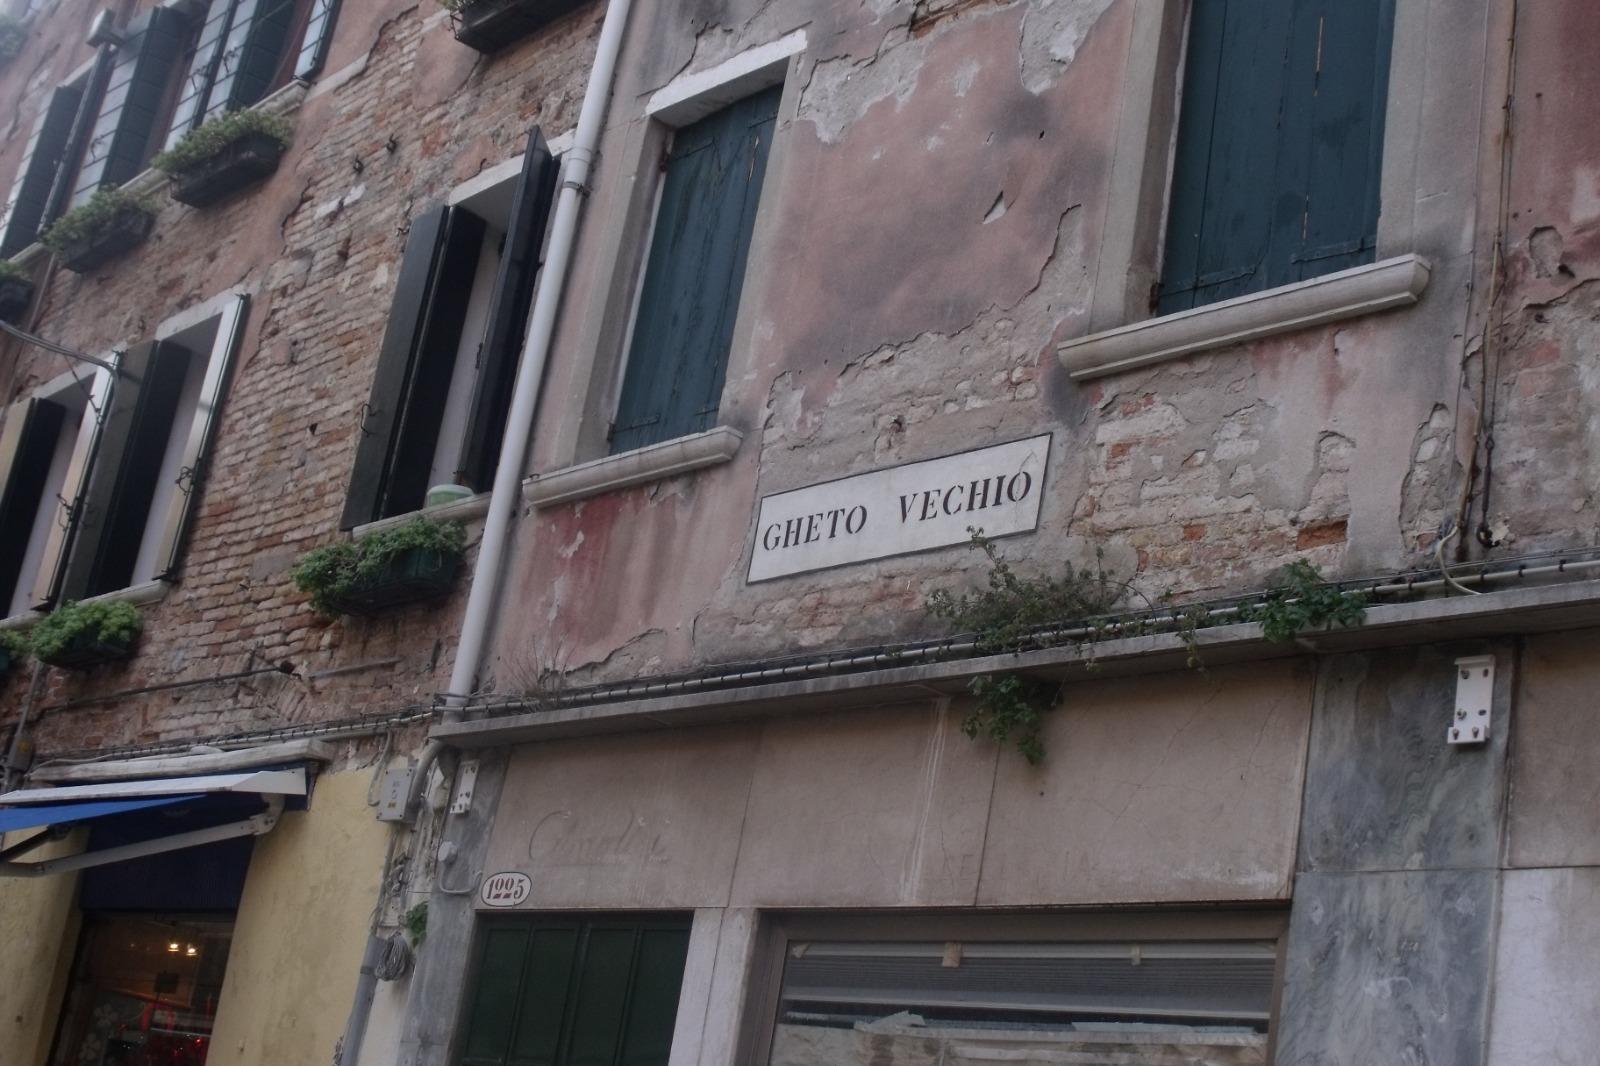 venezia2-1600183184.jpg